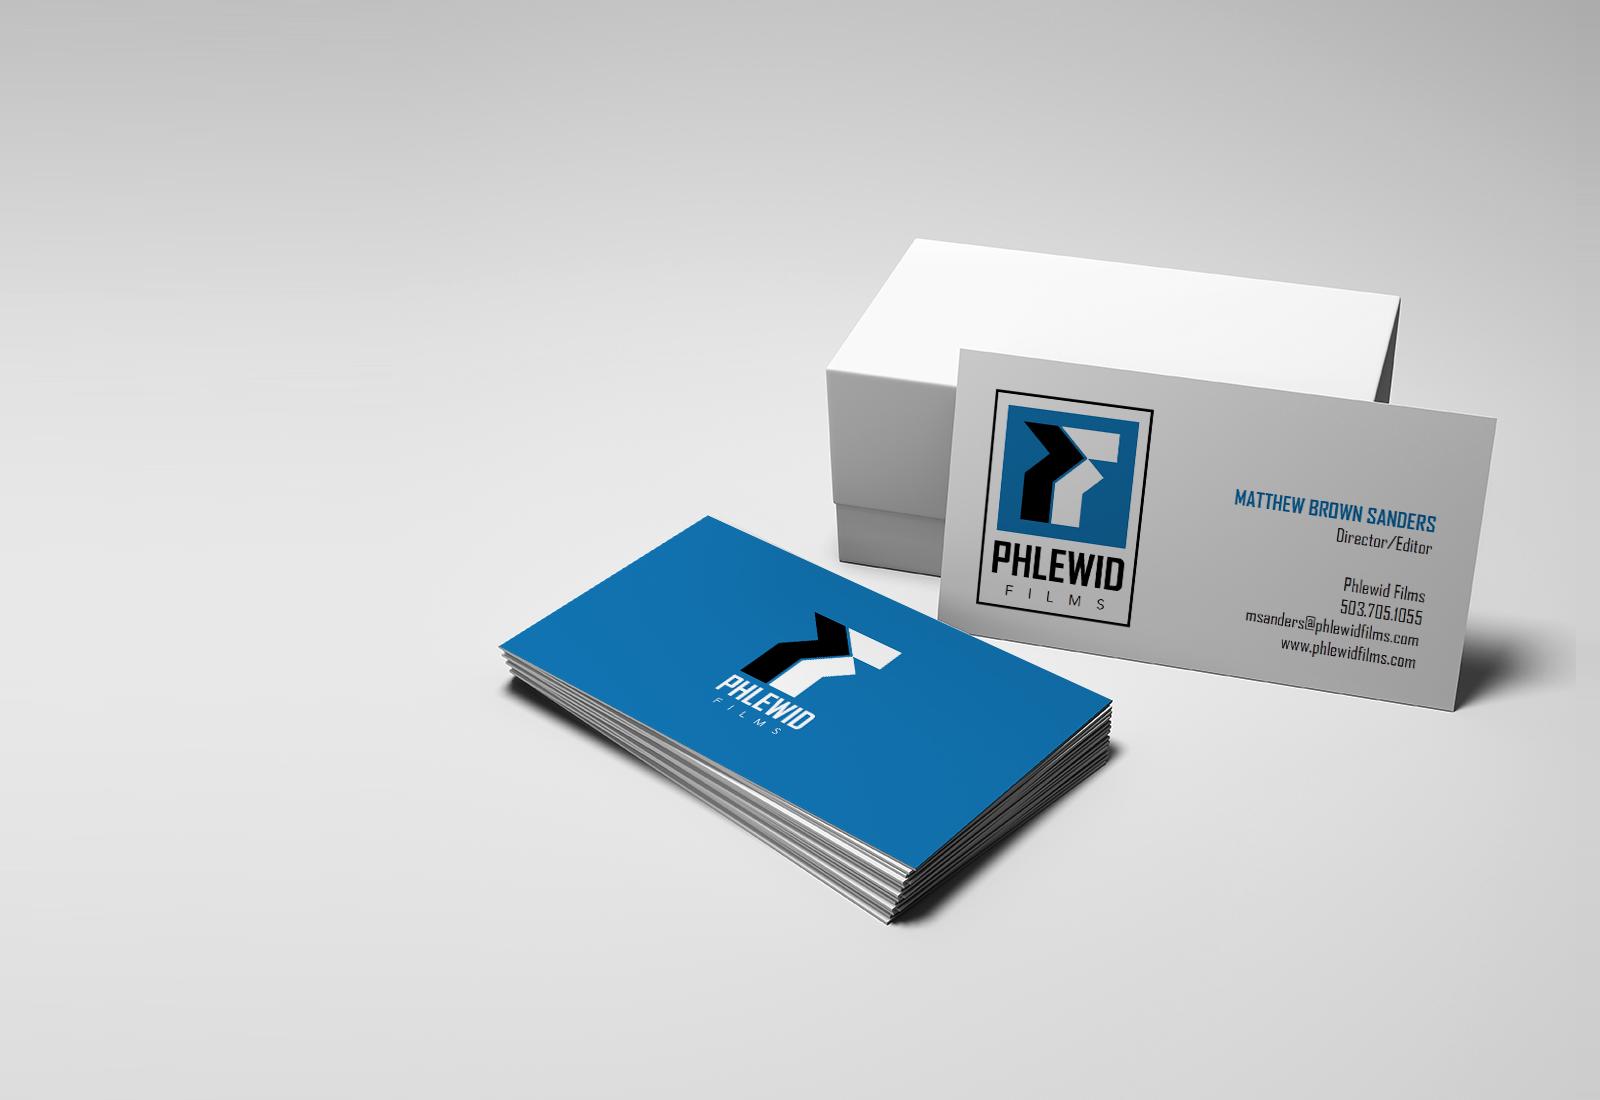 Phlewid Films Branding